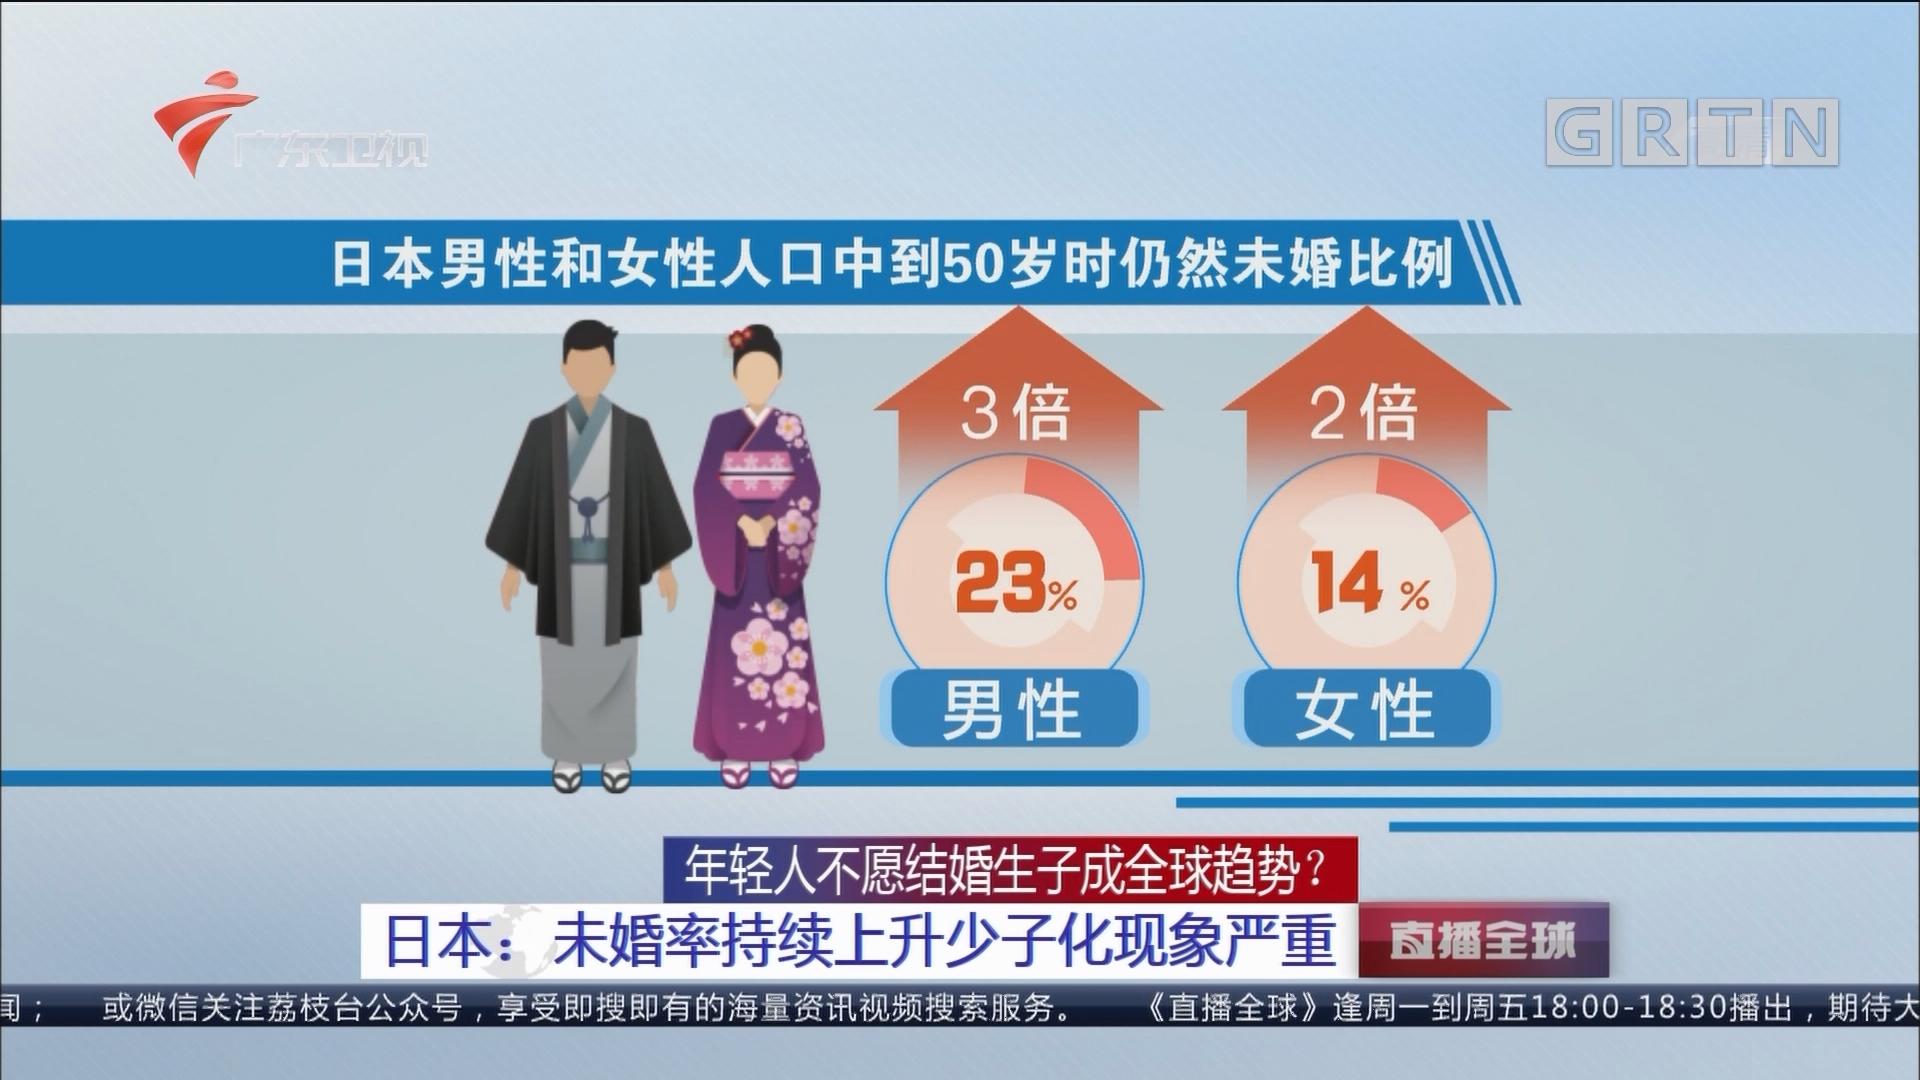 年轻人不愿结婚生子成全球趋势?日本:未婚率持续上升少子化现象严重